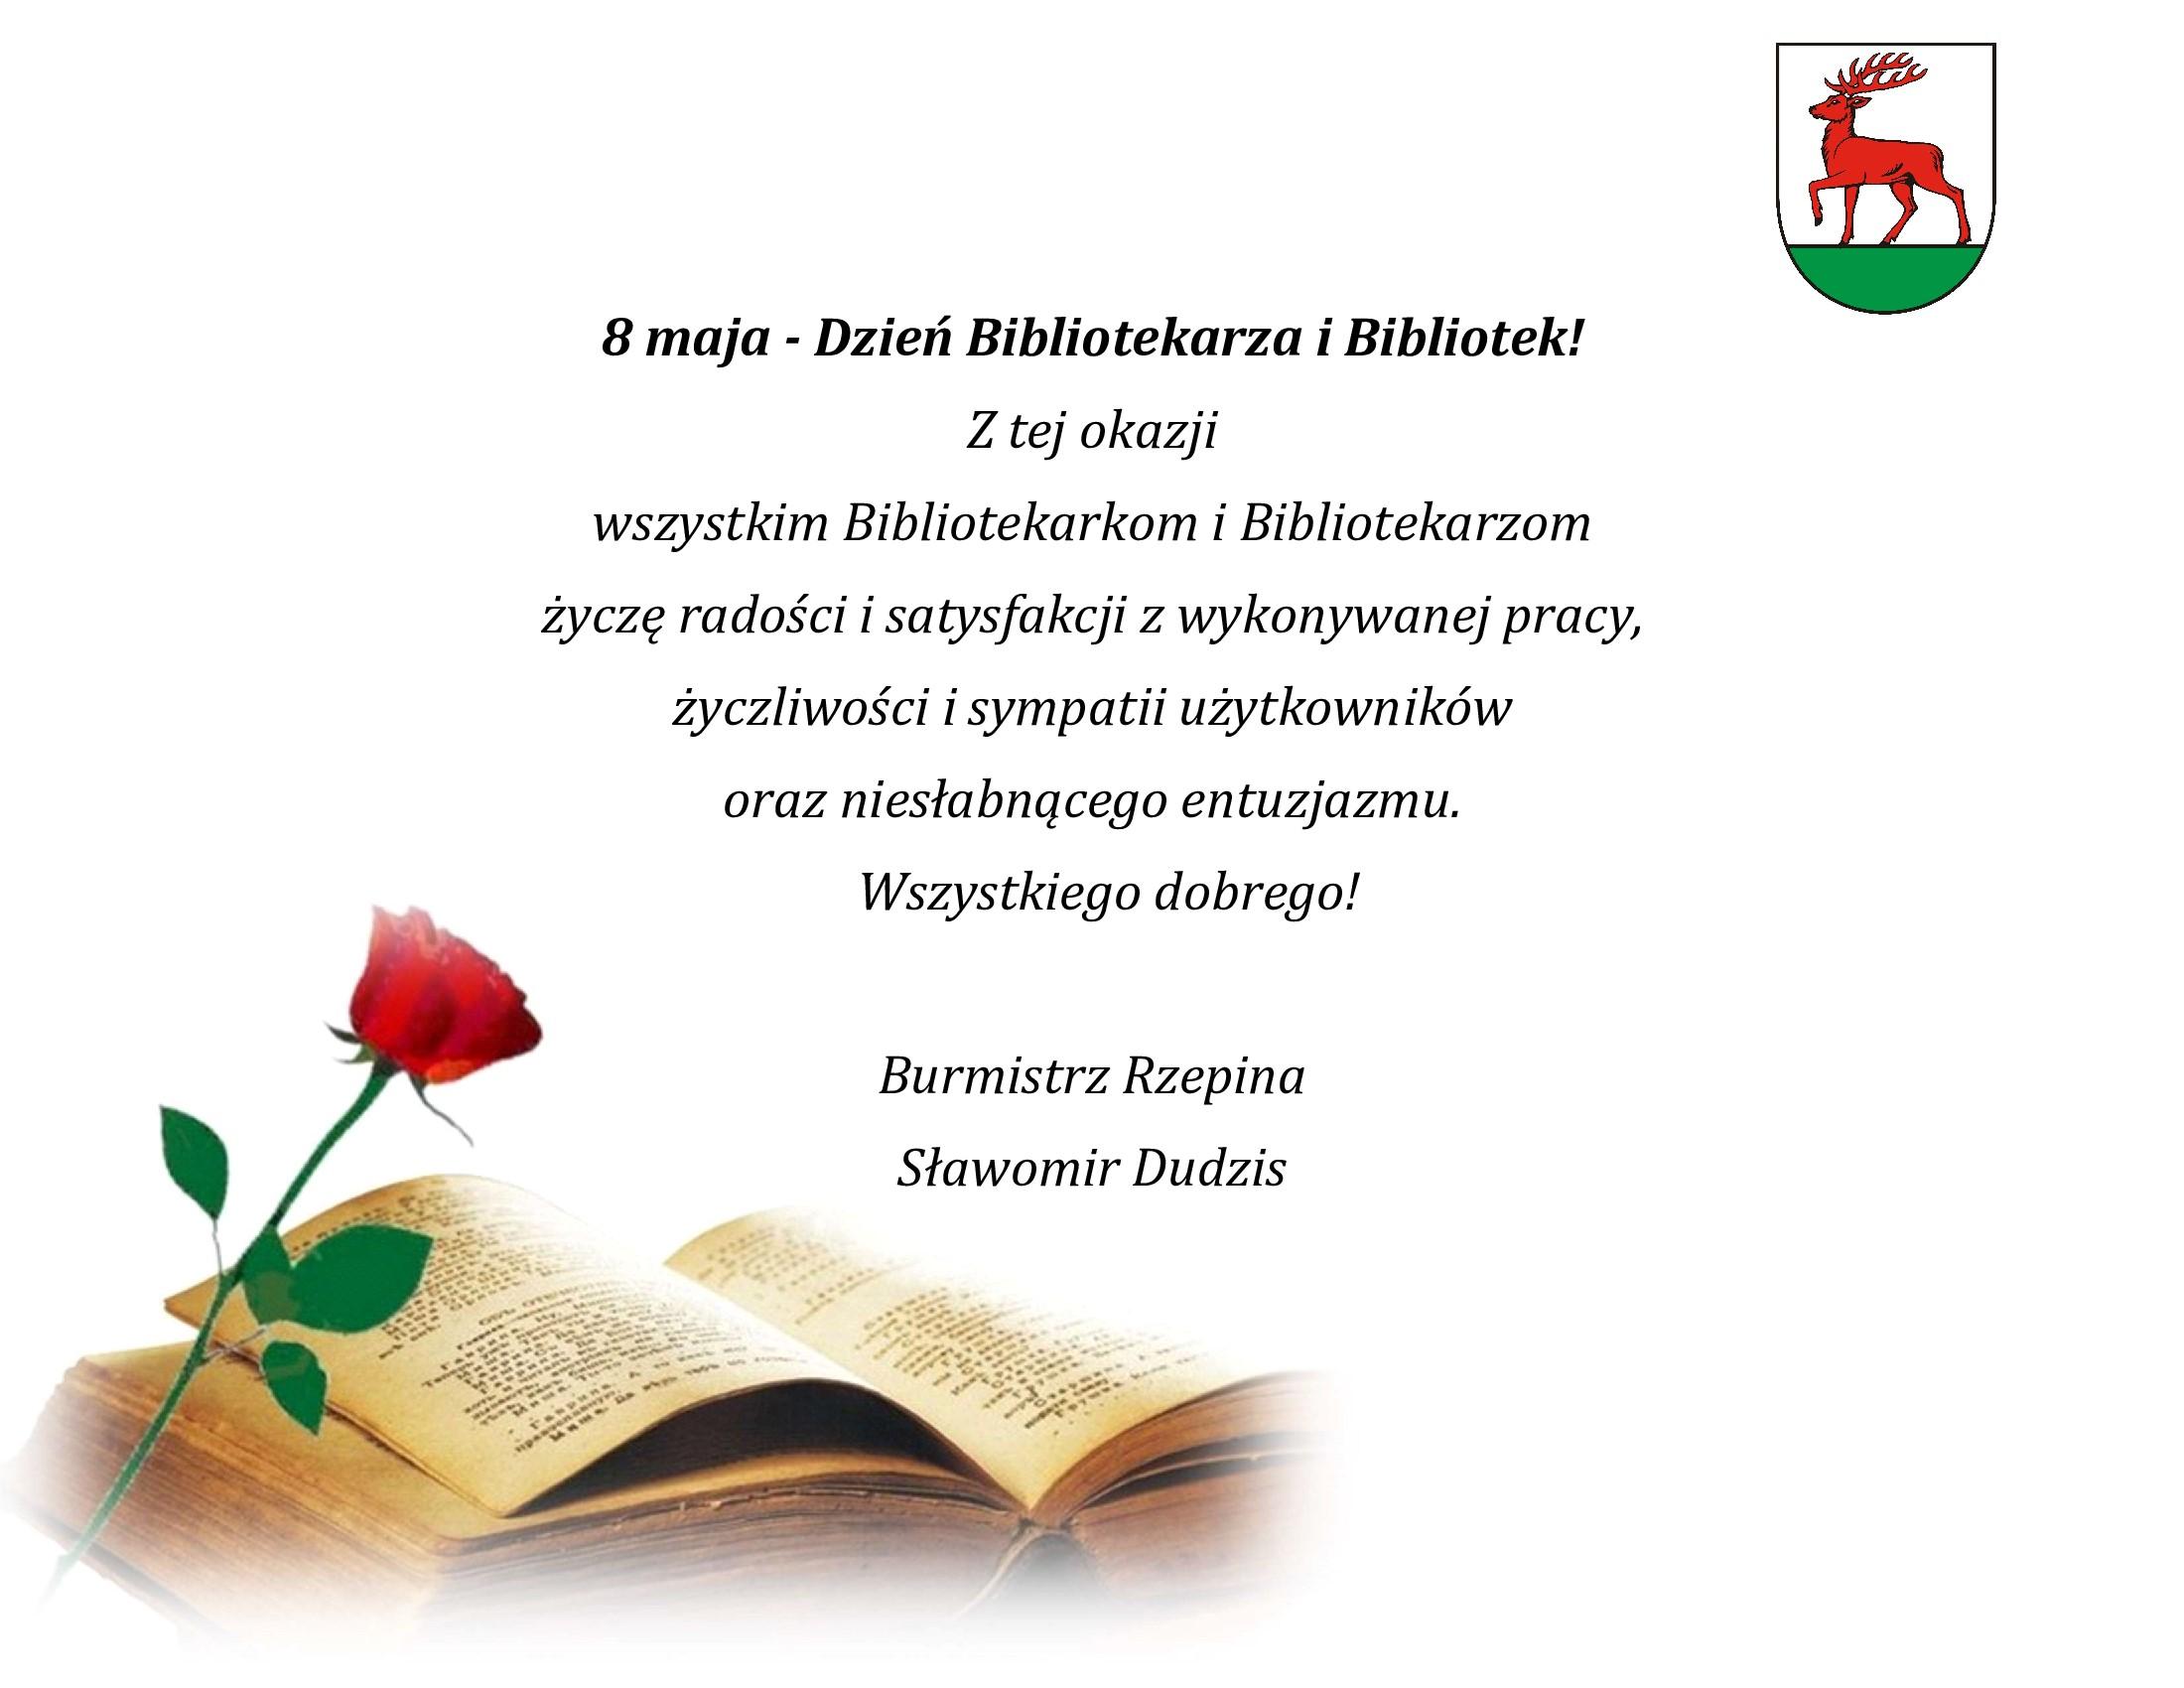 Ilustracja do informacji: Najlepsze życzenia dla Bibliotekarzy!